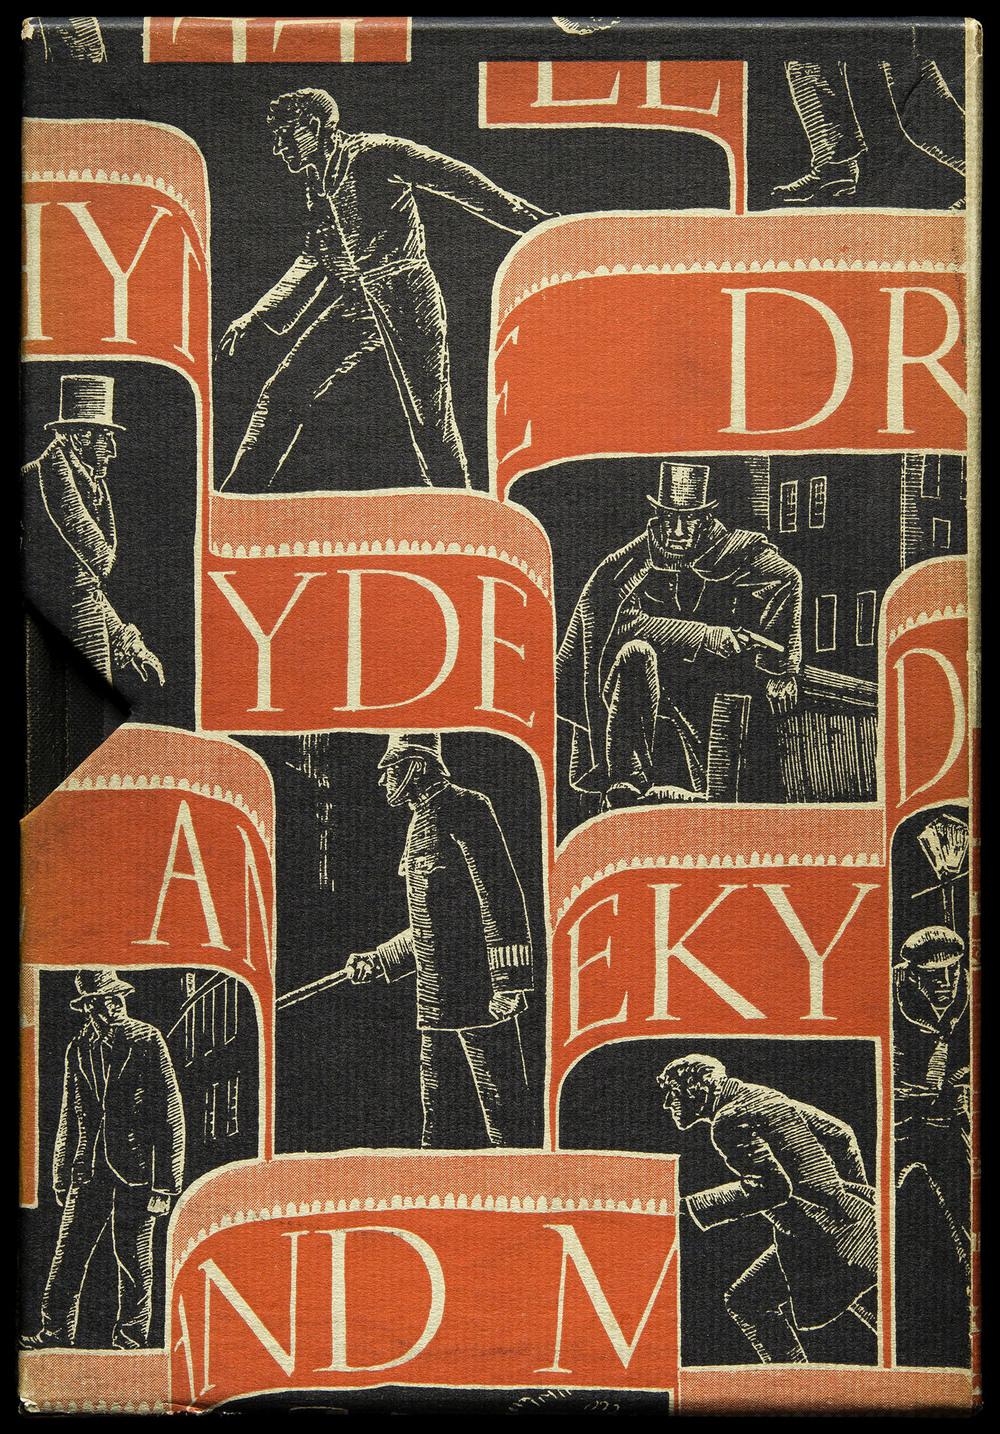 Slipcase for Strange Case of Dr. Jekyll and Mr. Hyde  by Robert Louis Stevenson, Random House, New York, 1929, 14 x 20.3 cm